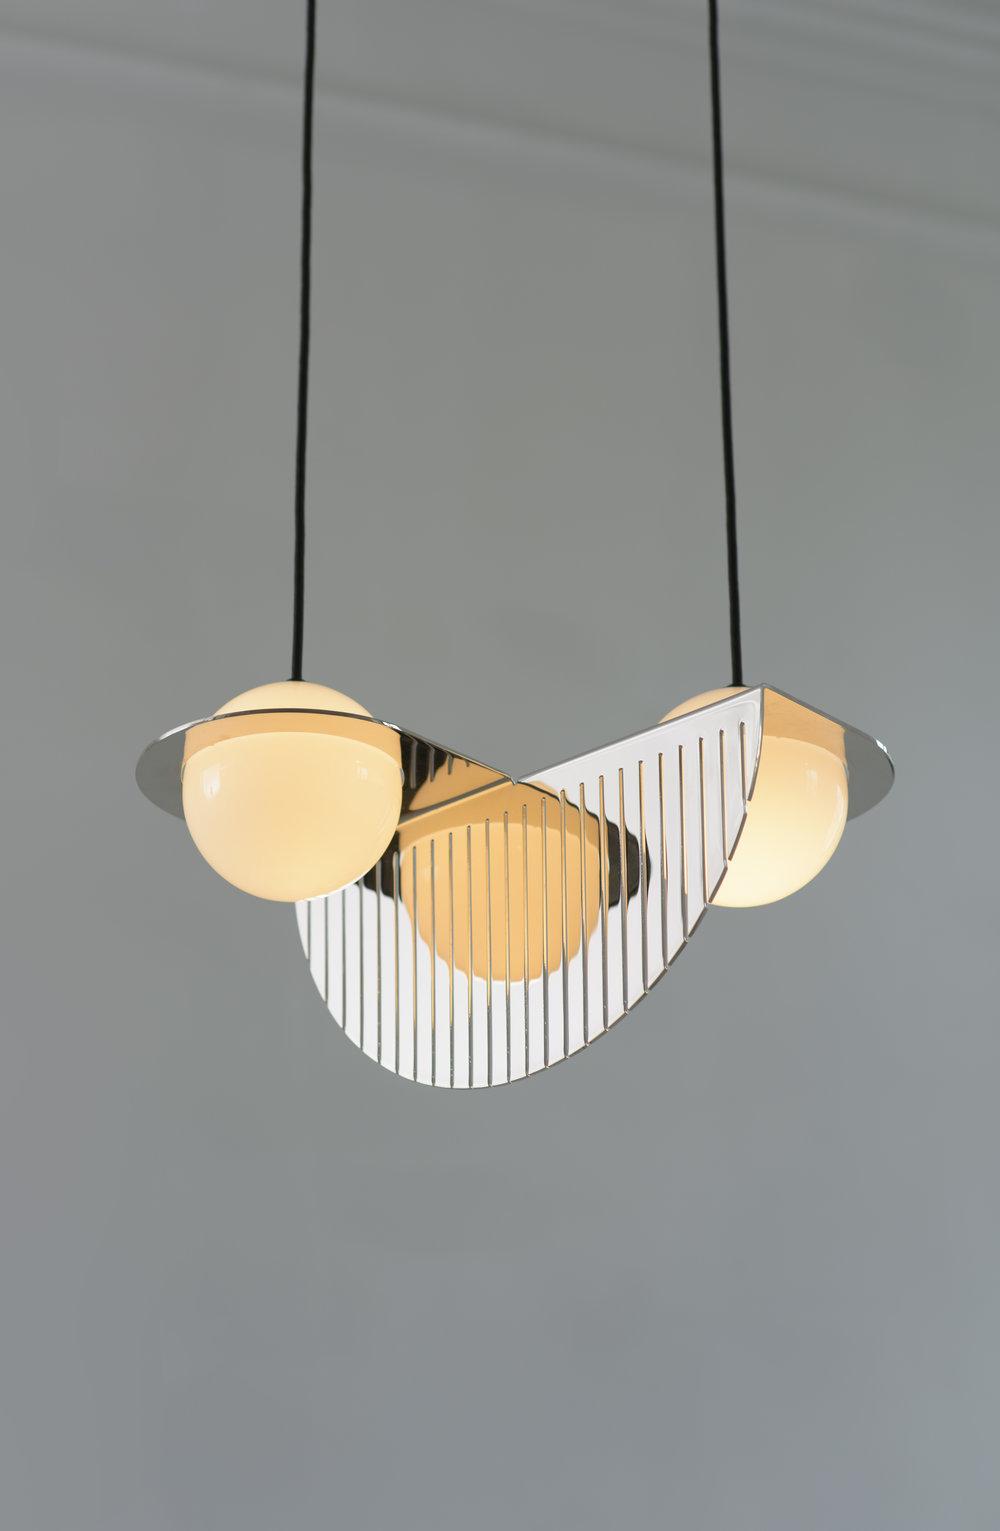 living edge lighting. living edge_lambert u0026 fils_laurent 09 pendant_01jpg edge lighting g